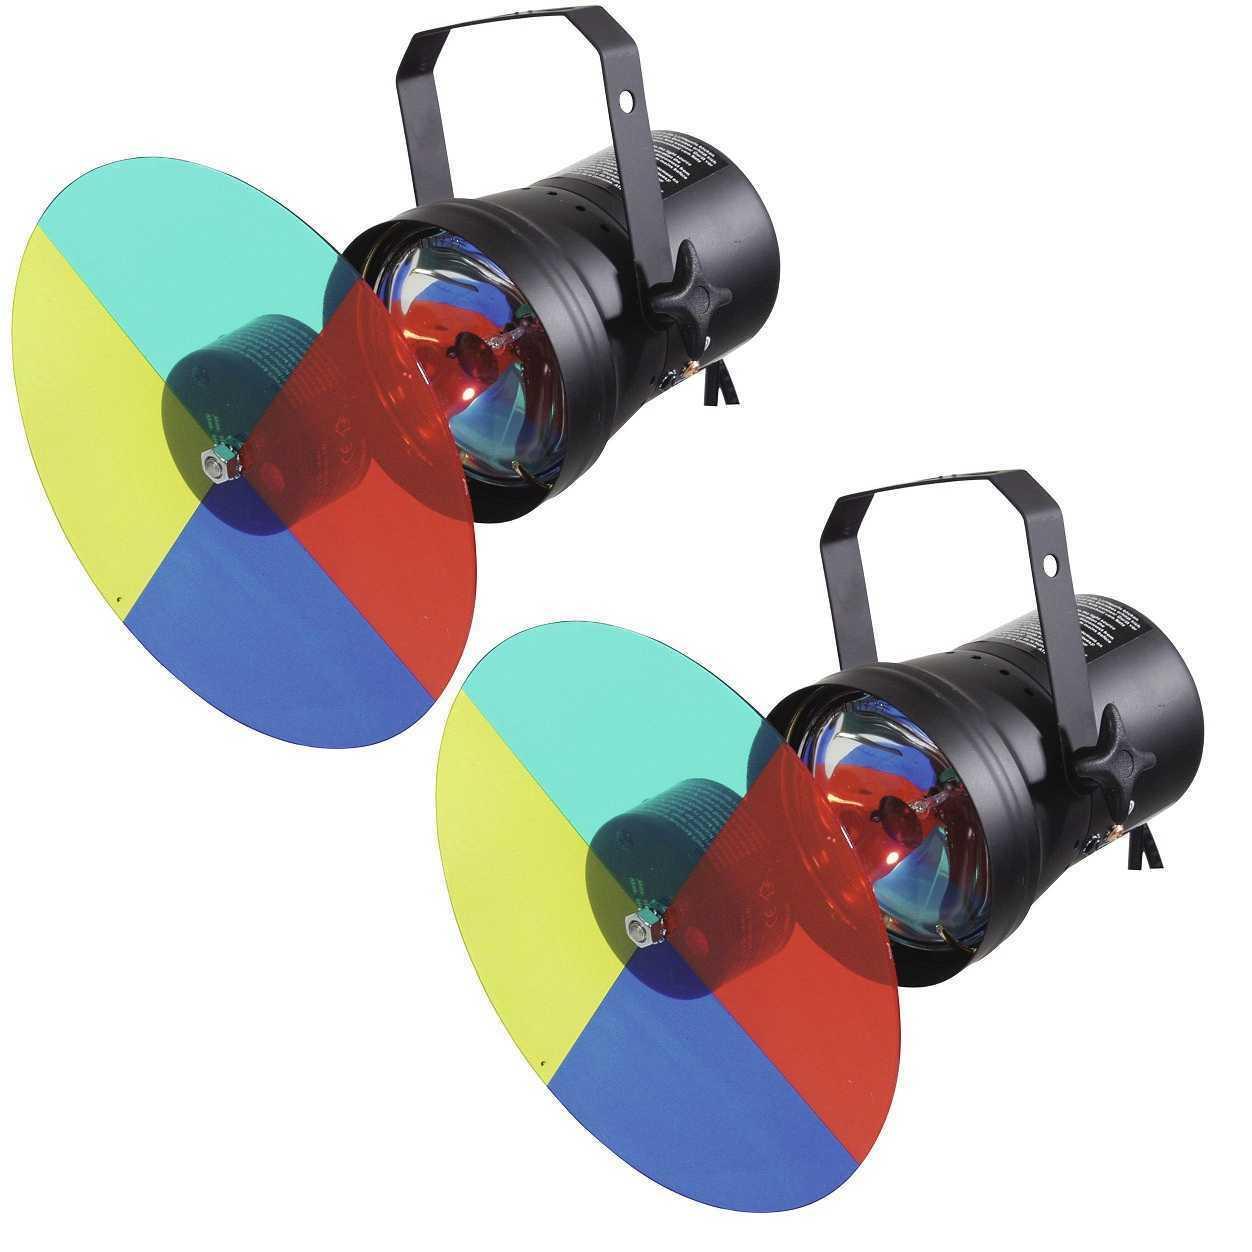 2x Eurolite farbwechslerset + par-36 pinspot + ampoules-pin-spot roue chromatique